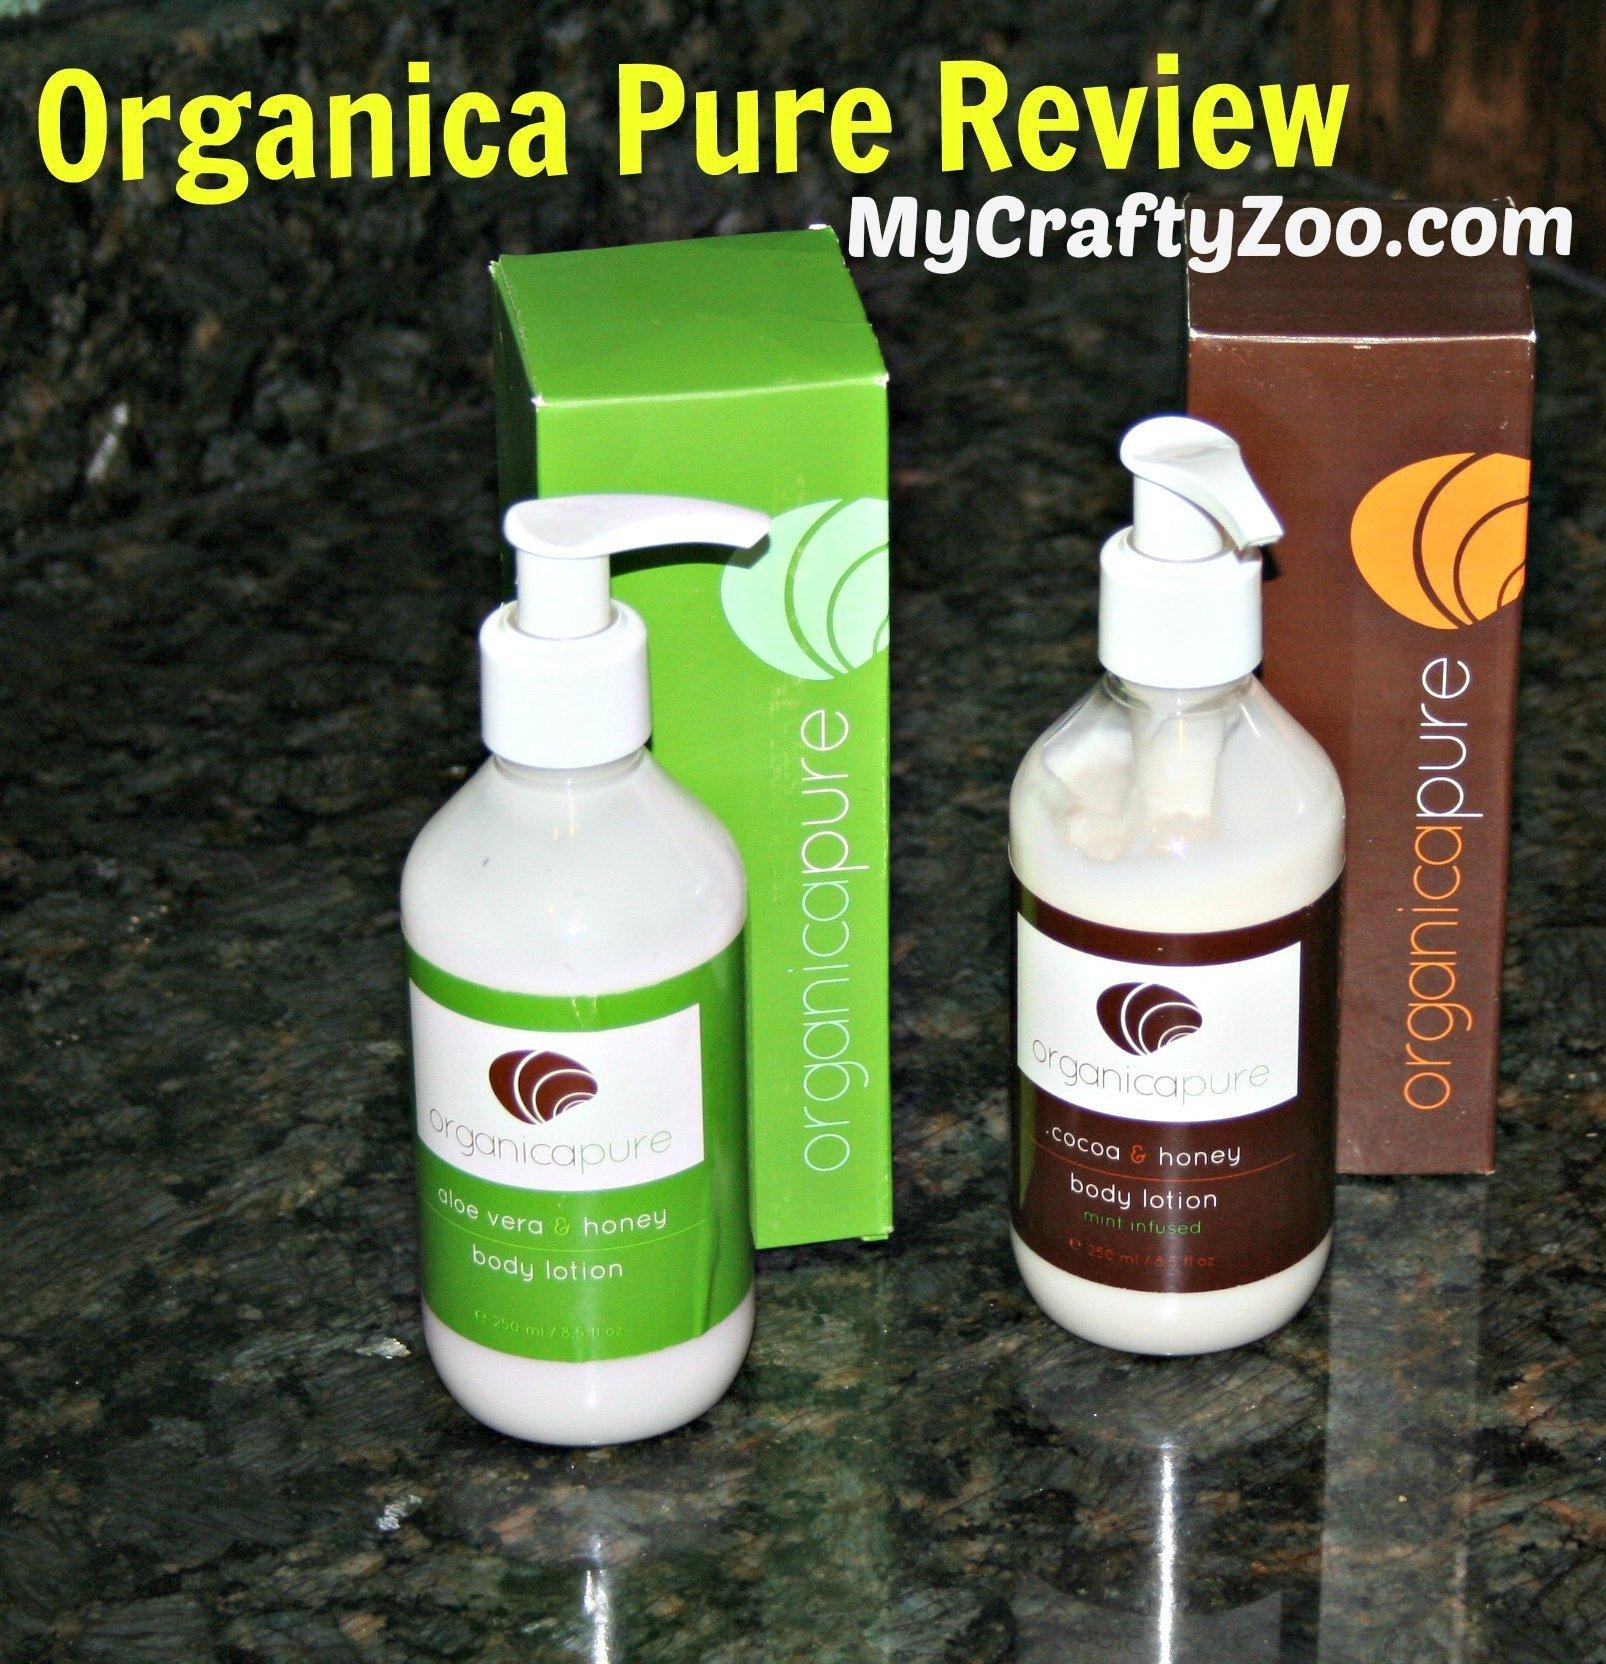 OrganicaPure Review